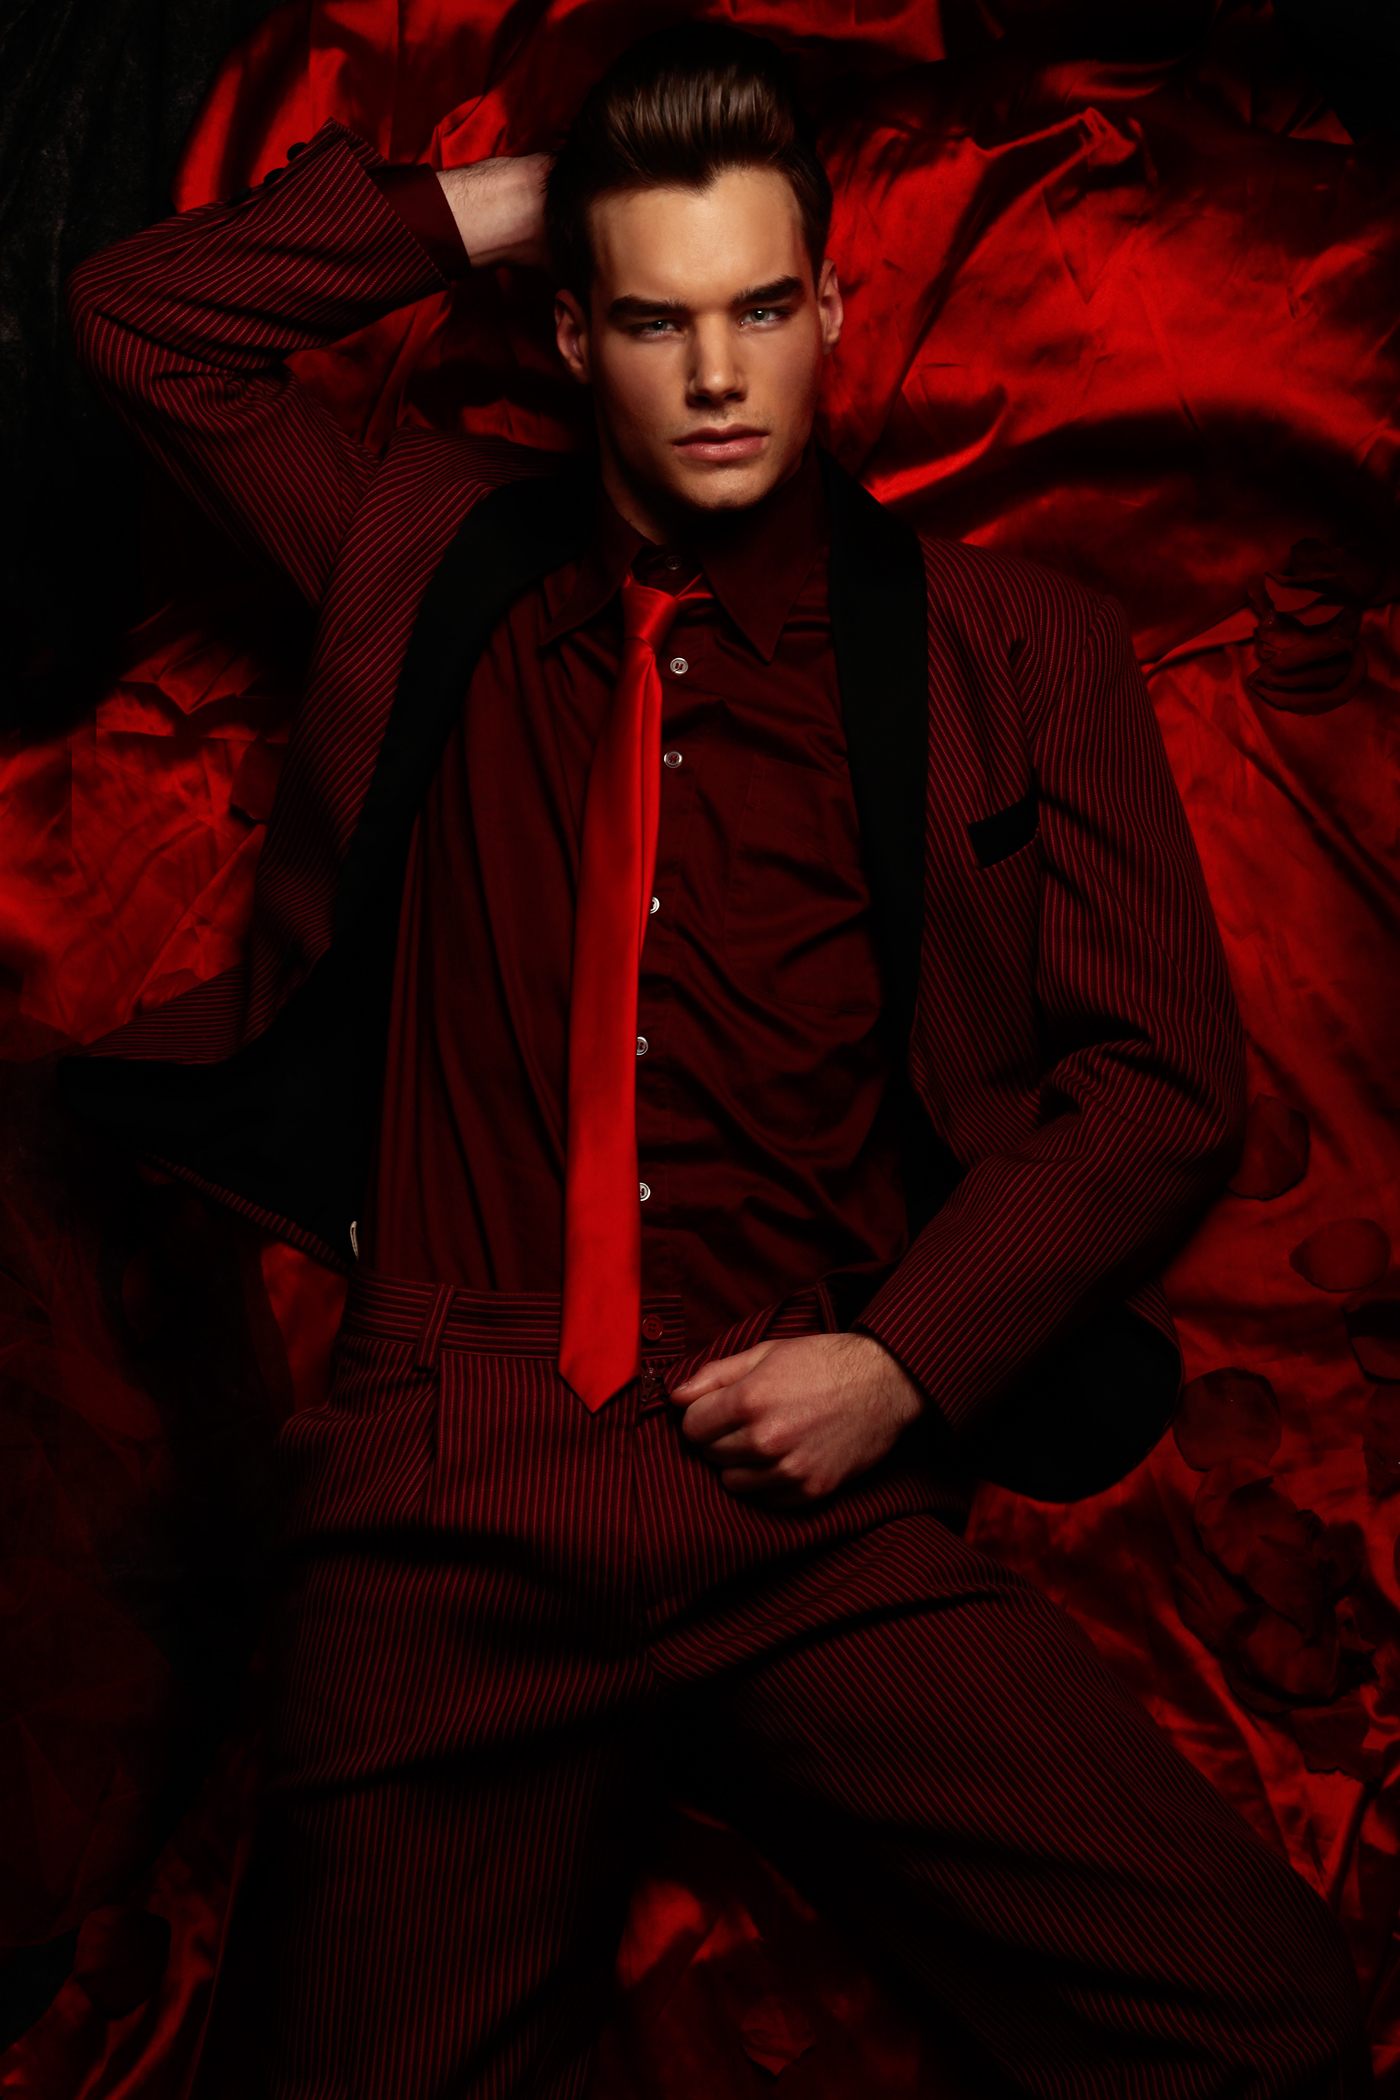 Красная красота / фото Sime Eskinja